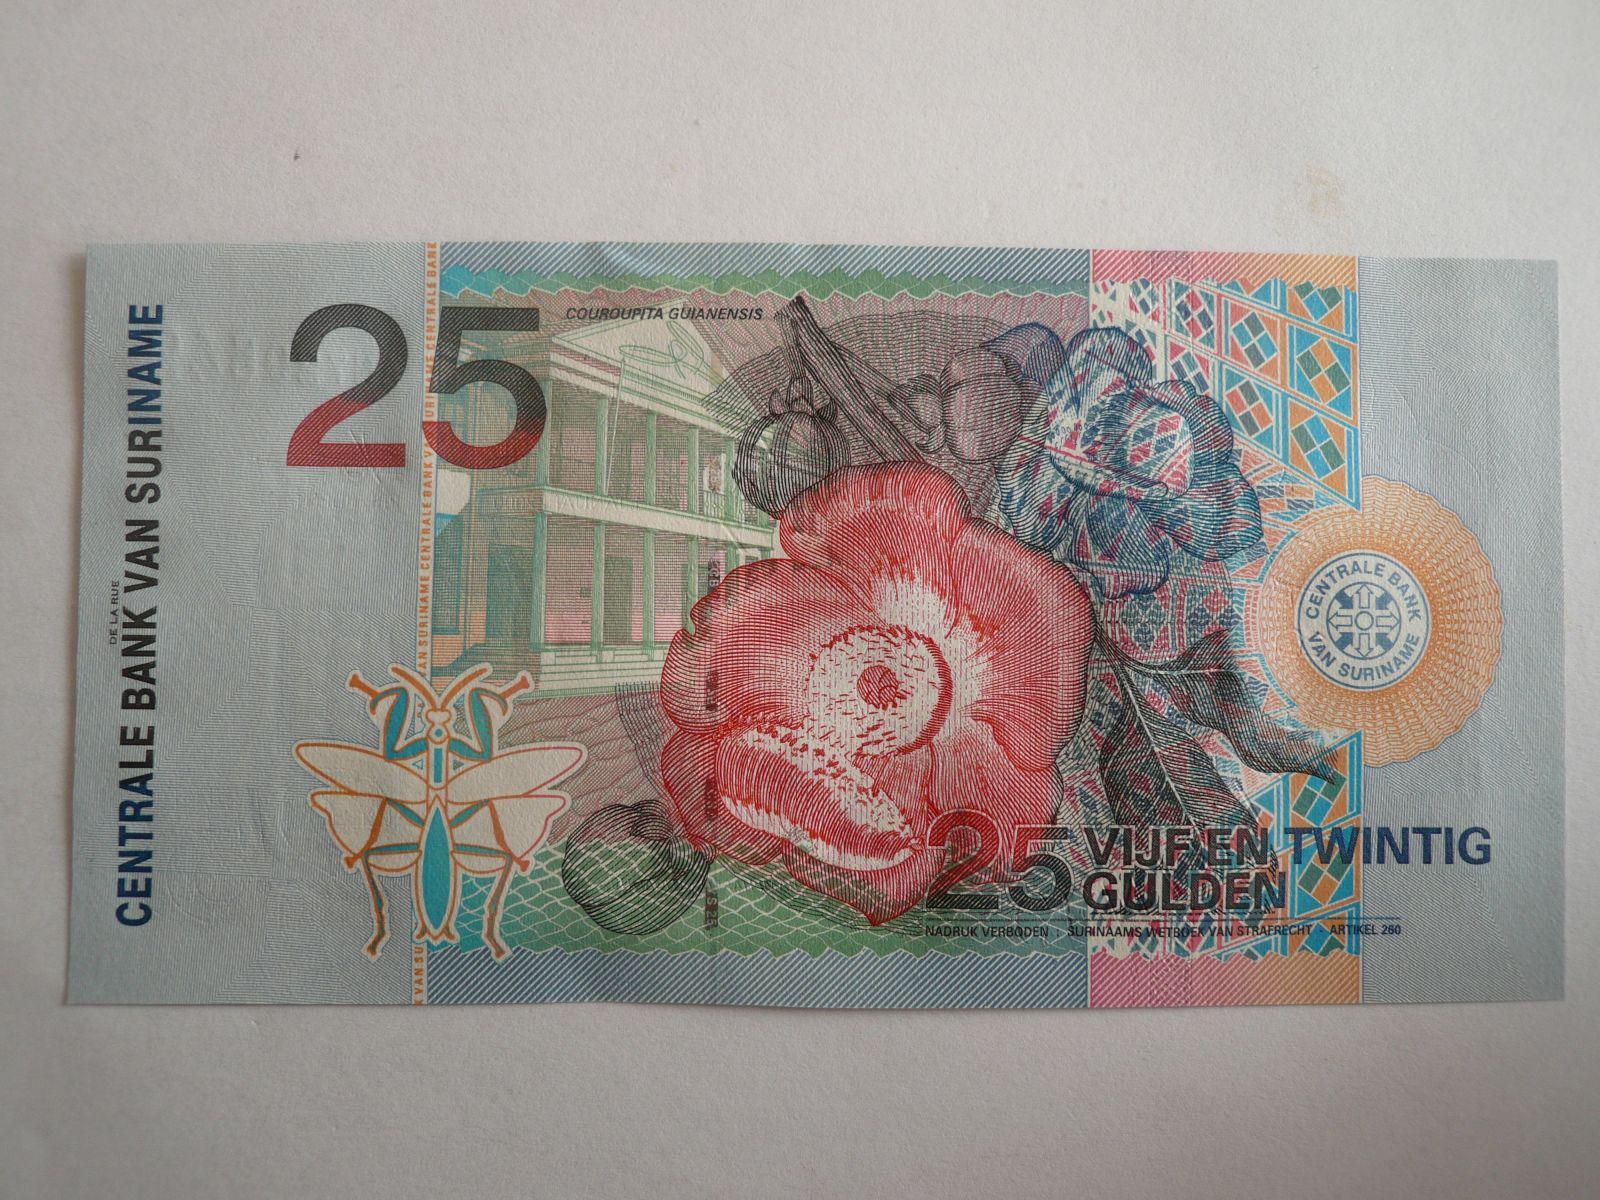 25 Gulden, Surinam, 2000